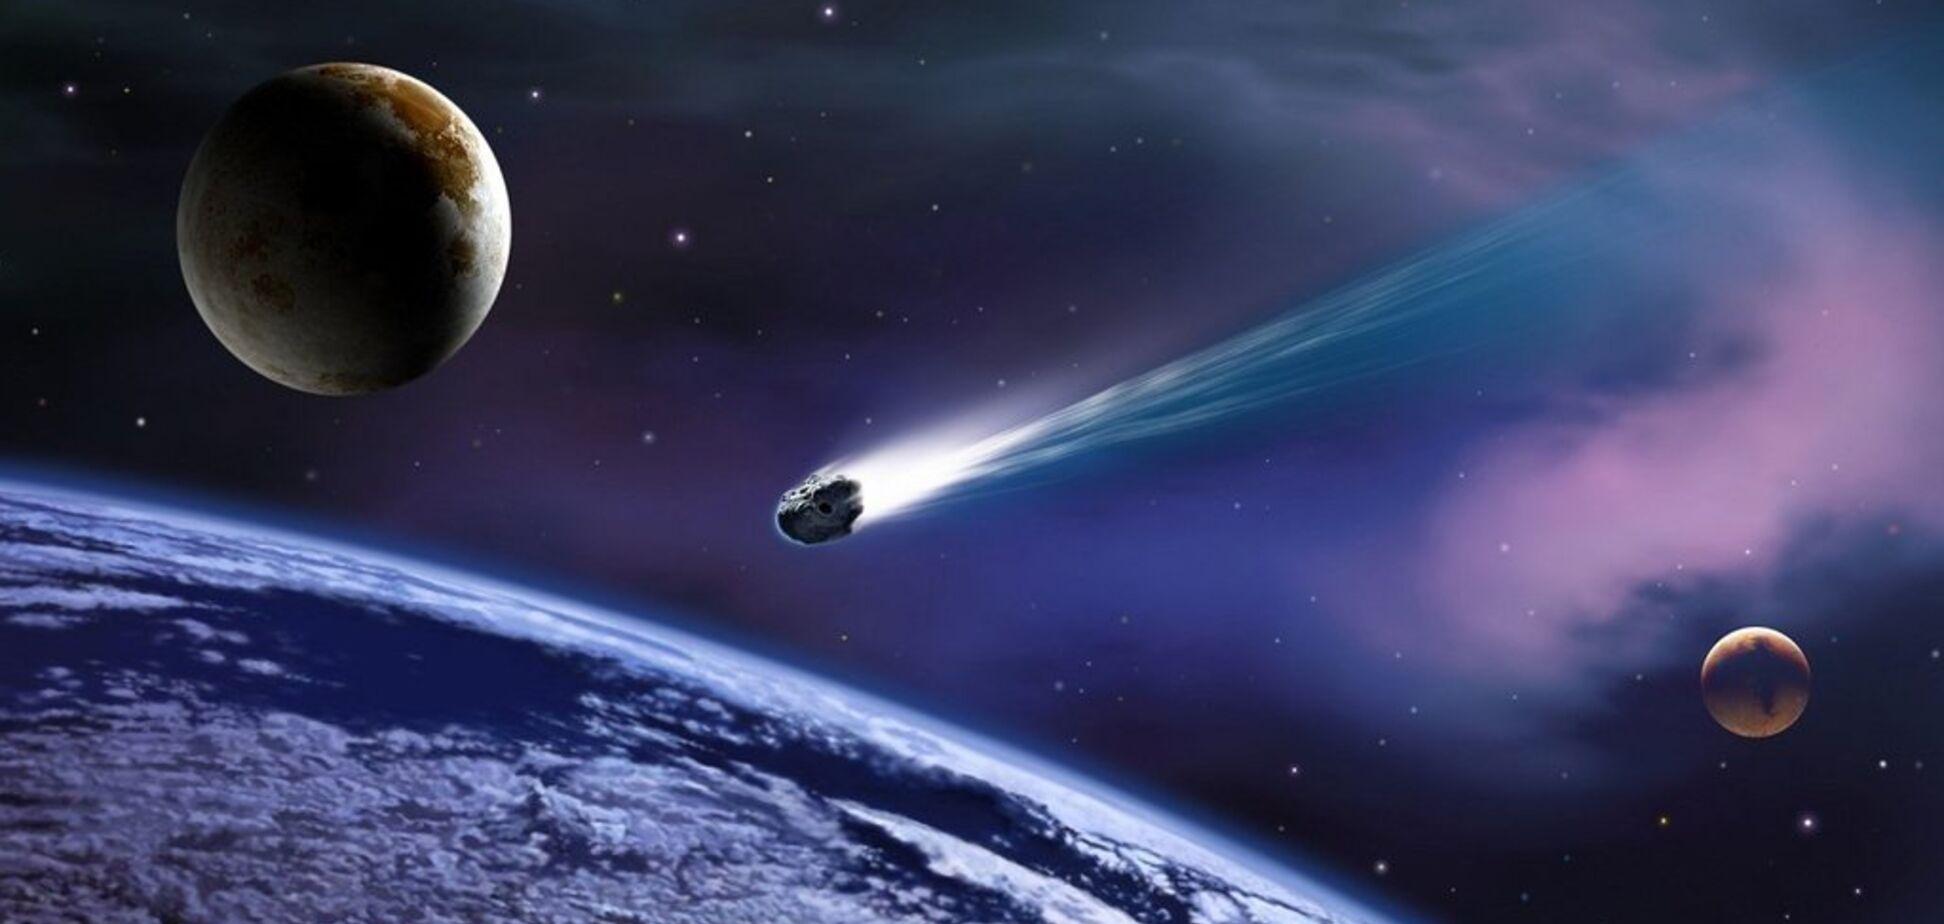 Кінець світу від Апофіса: астролог попередила про божевілля